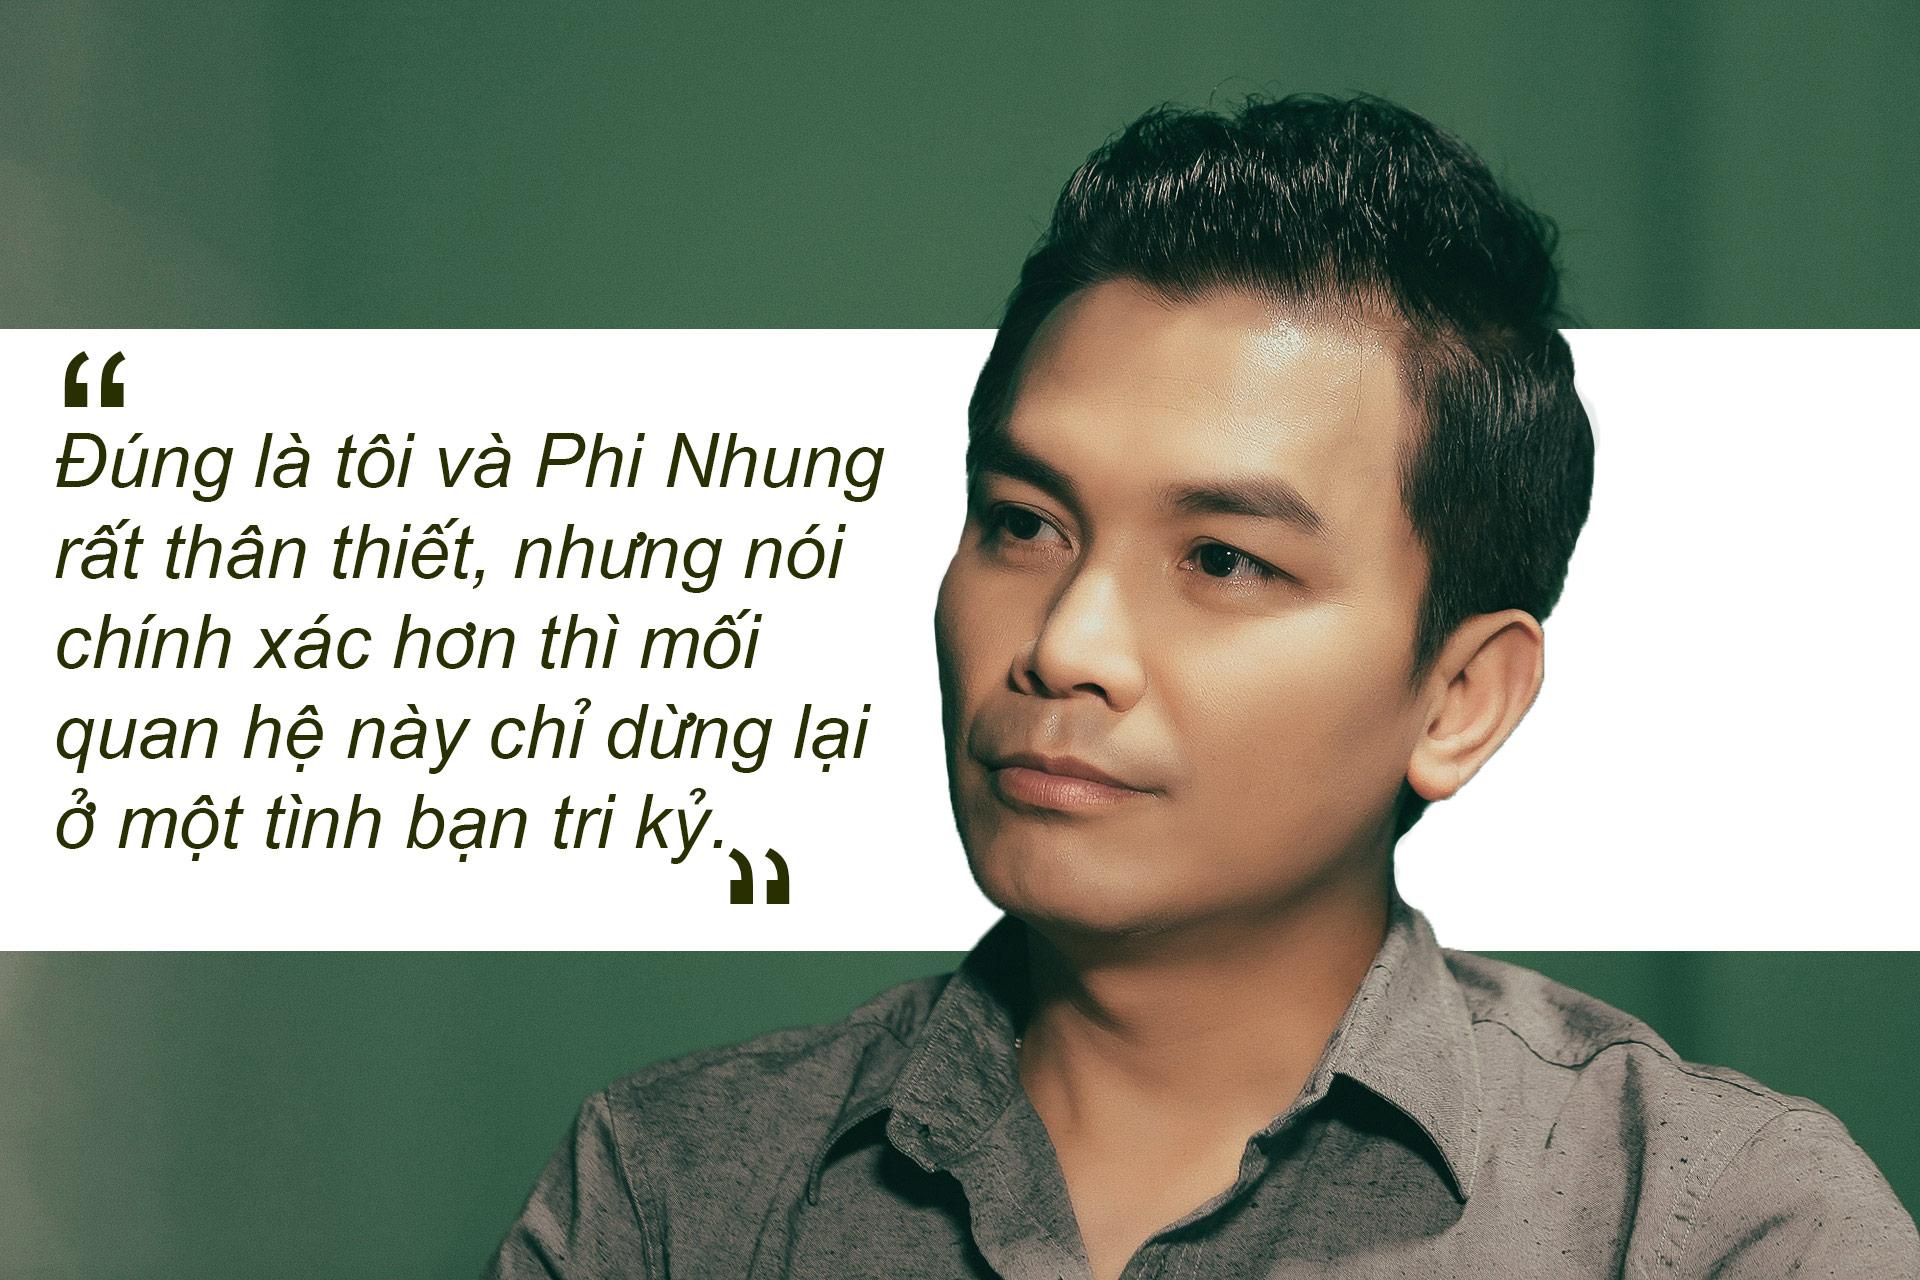 Ca sĩ Mạnh Quỳnh: Vợ tôi chắc cũng có ghen với Phi Nhung - 3